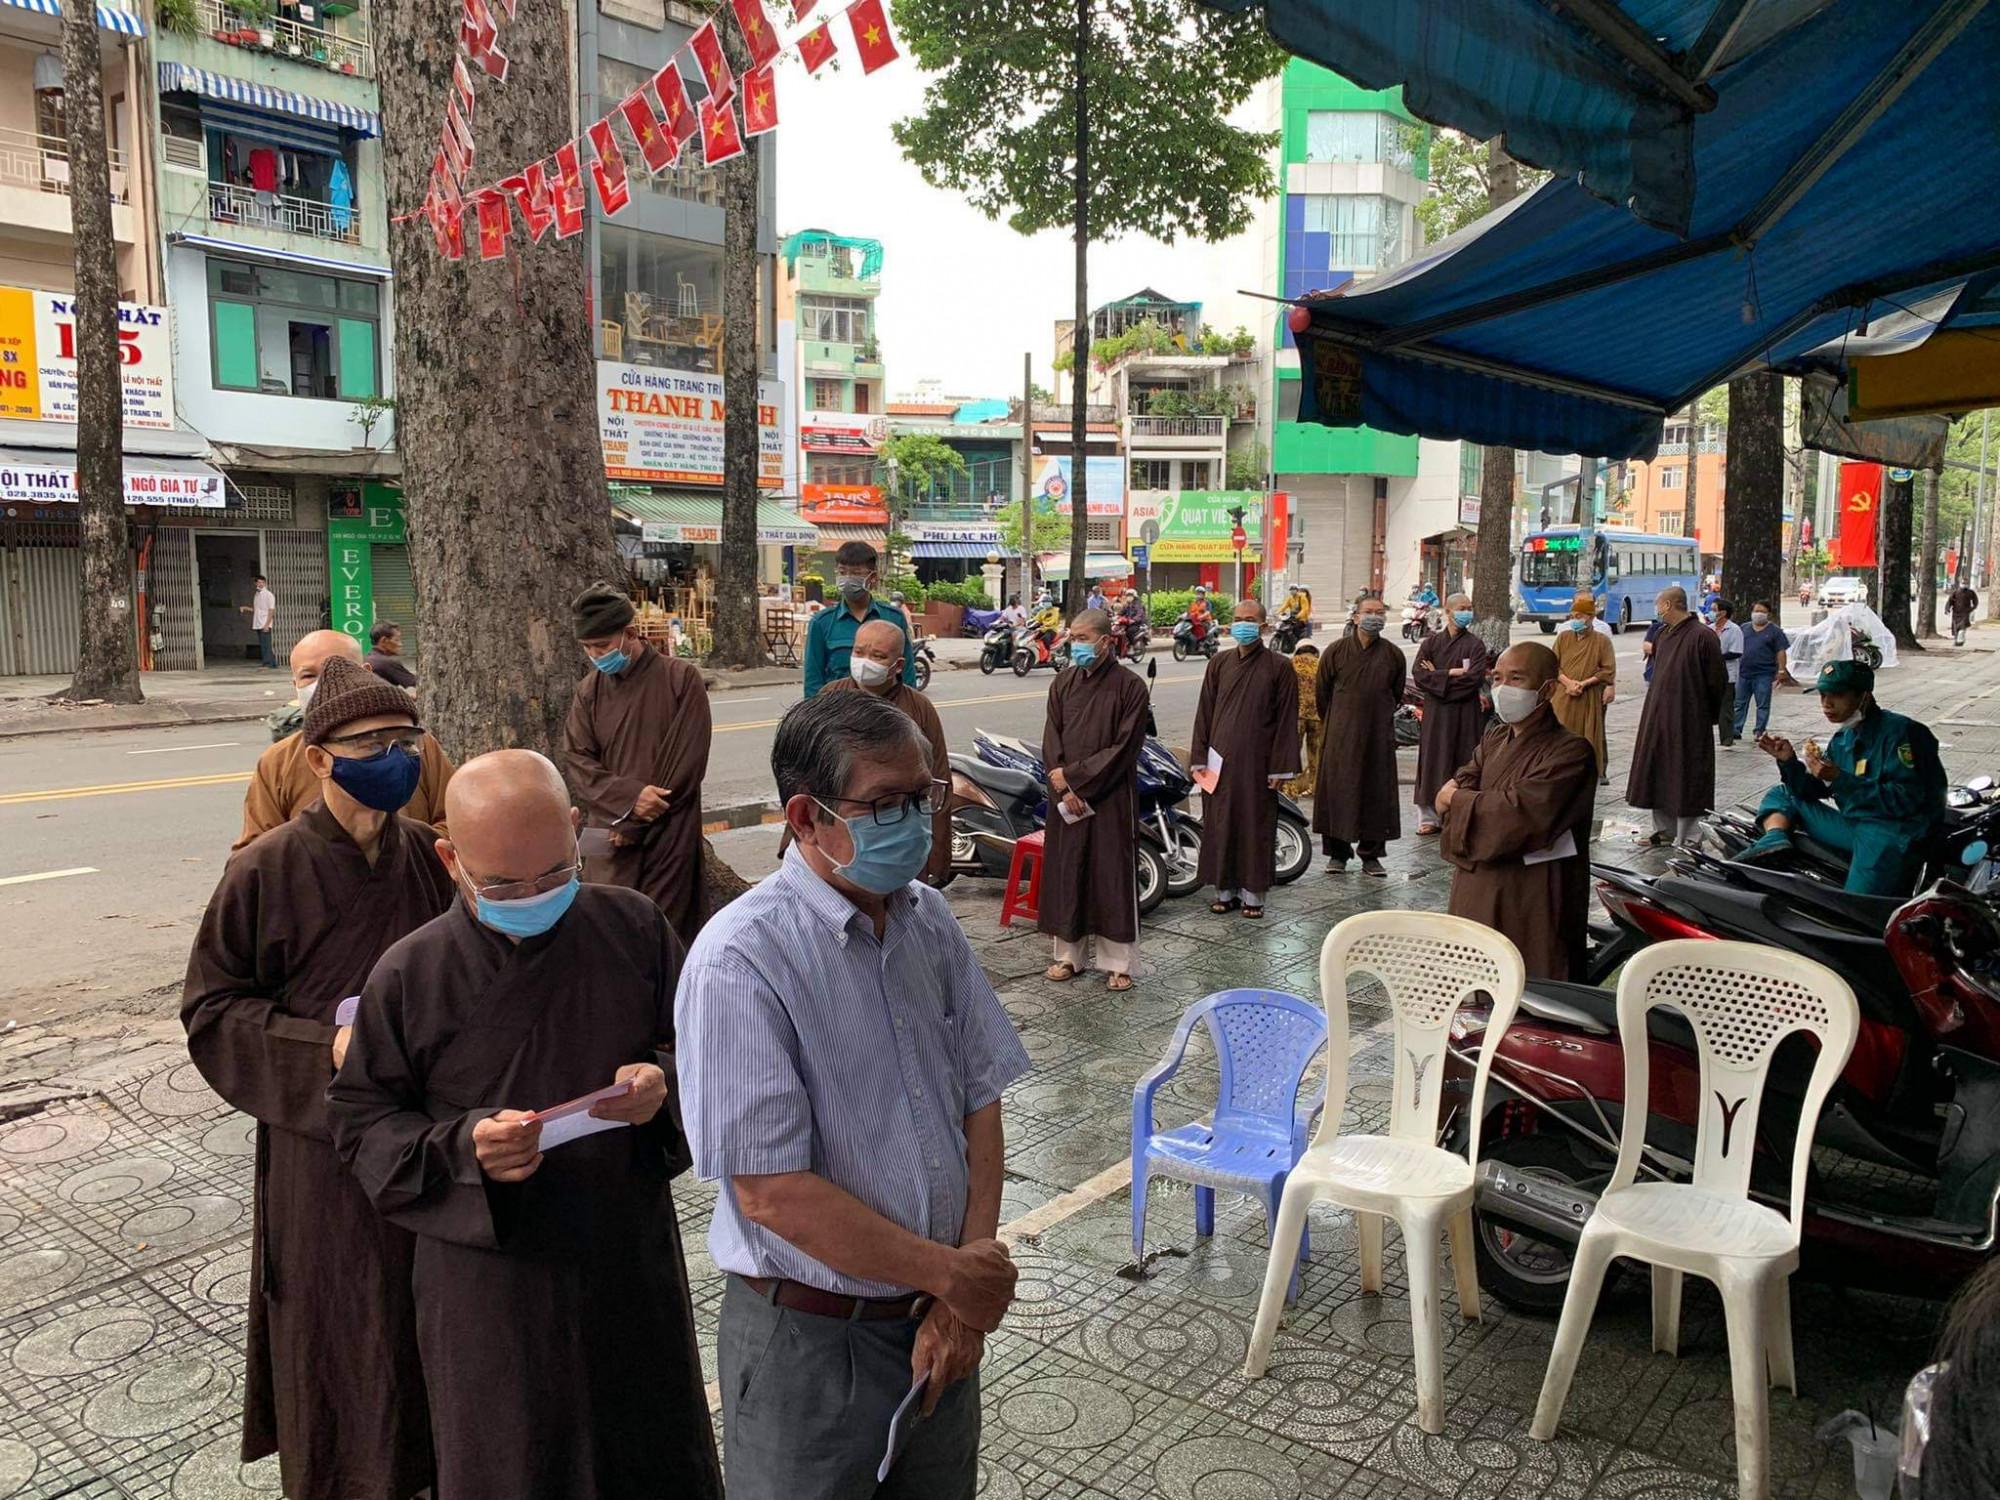 Các vị chức sắc tôn giáo và chư tăng tiến hành bỏ phiếu bầu cử tại khu vực bỏ phiếu số 50, phường 9 quận 10, TPHCM